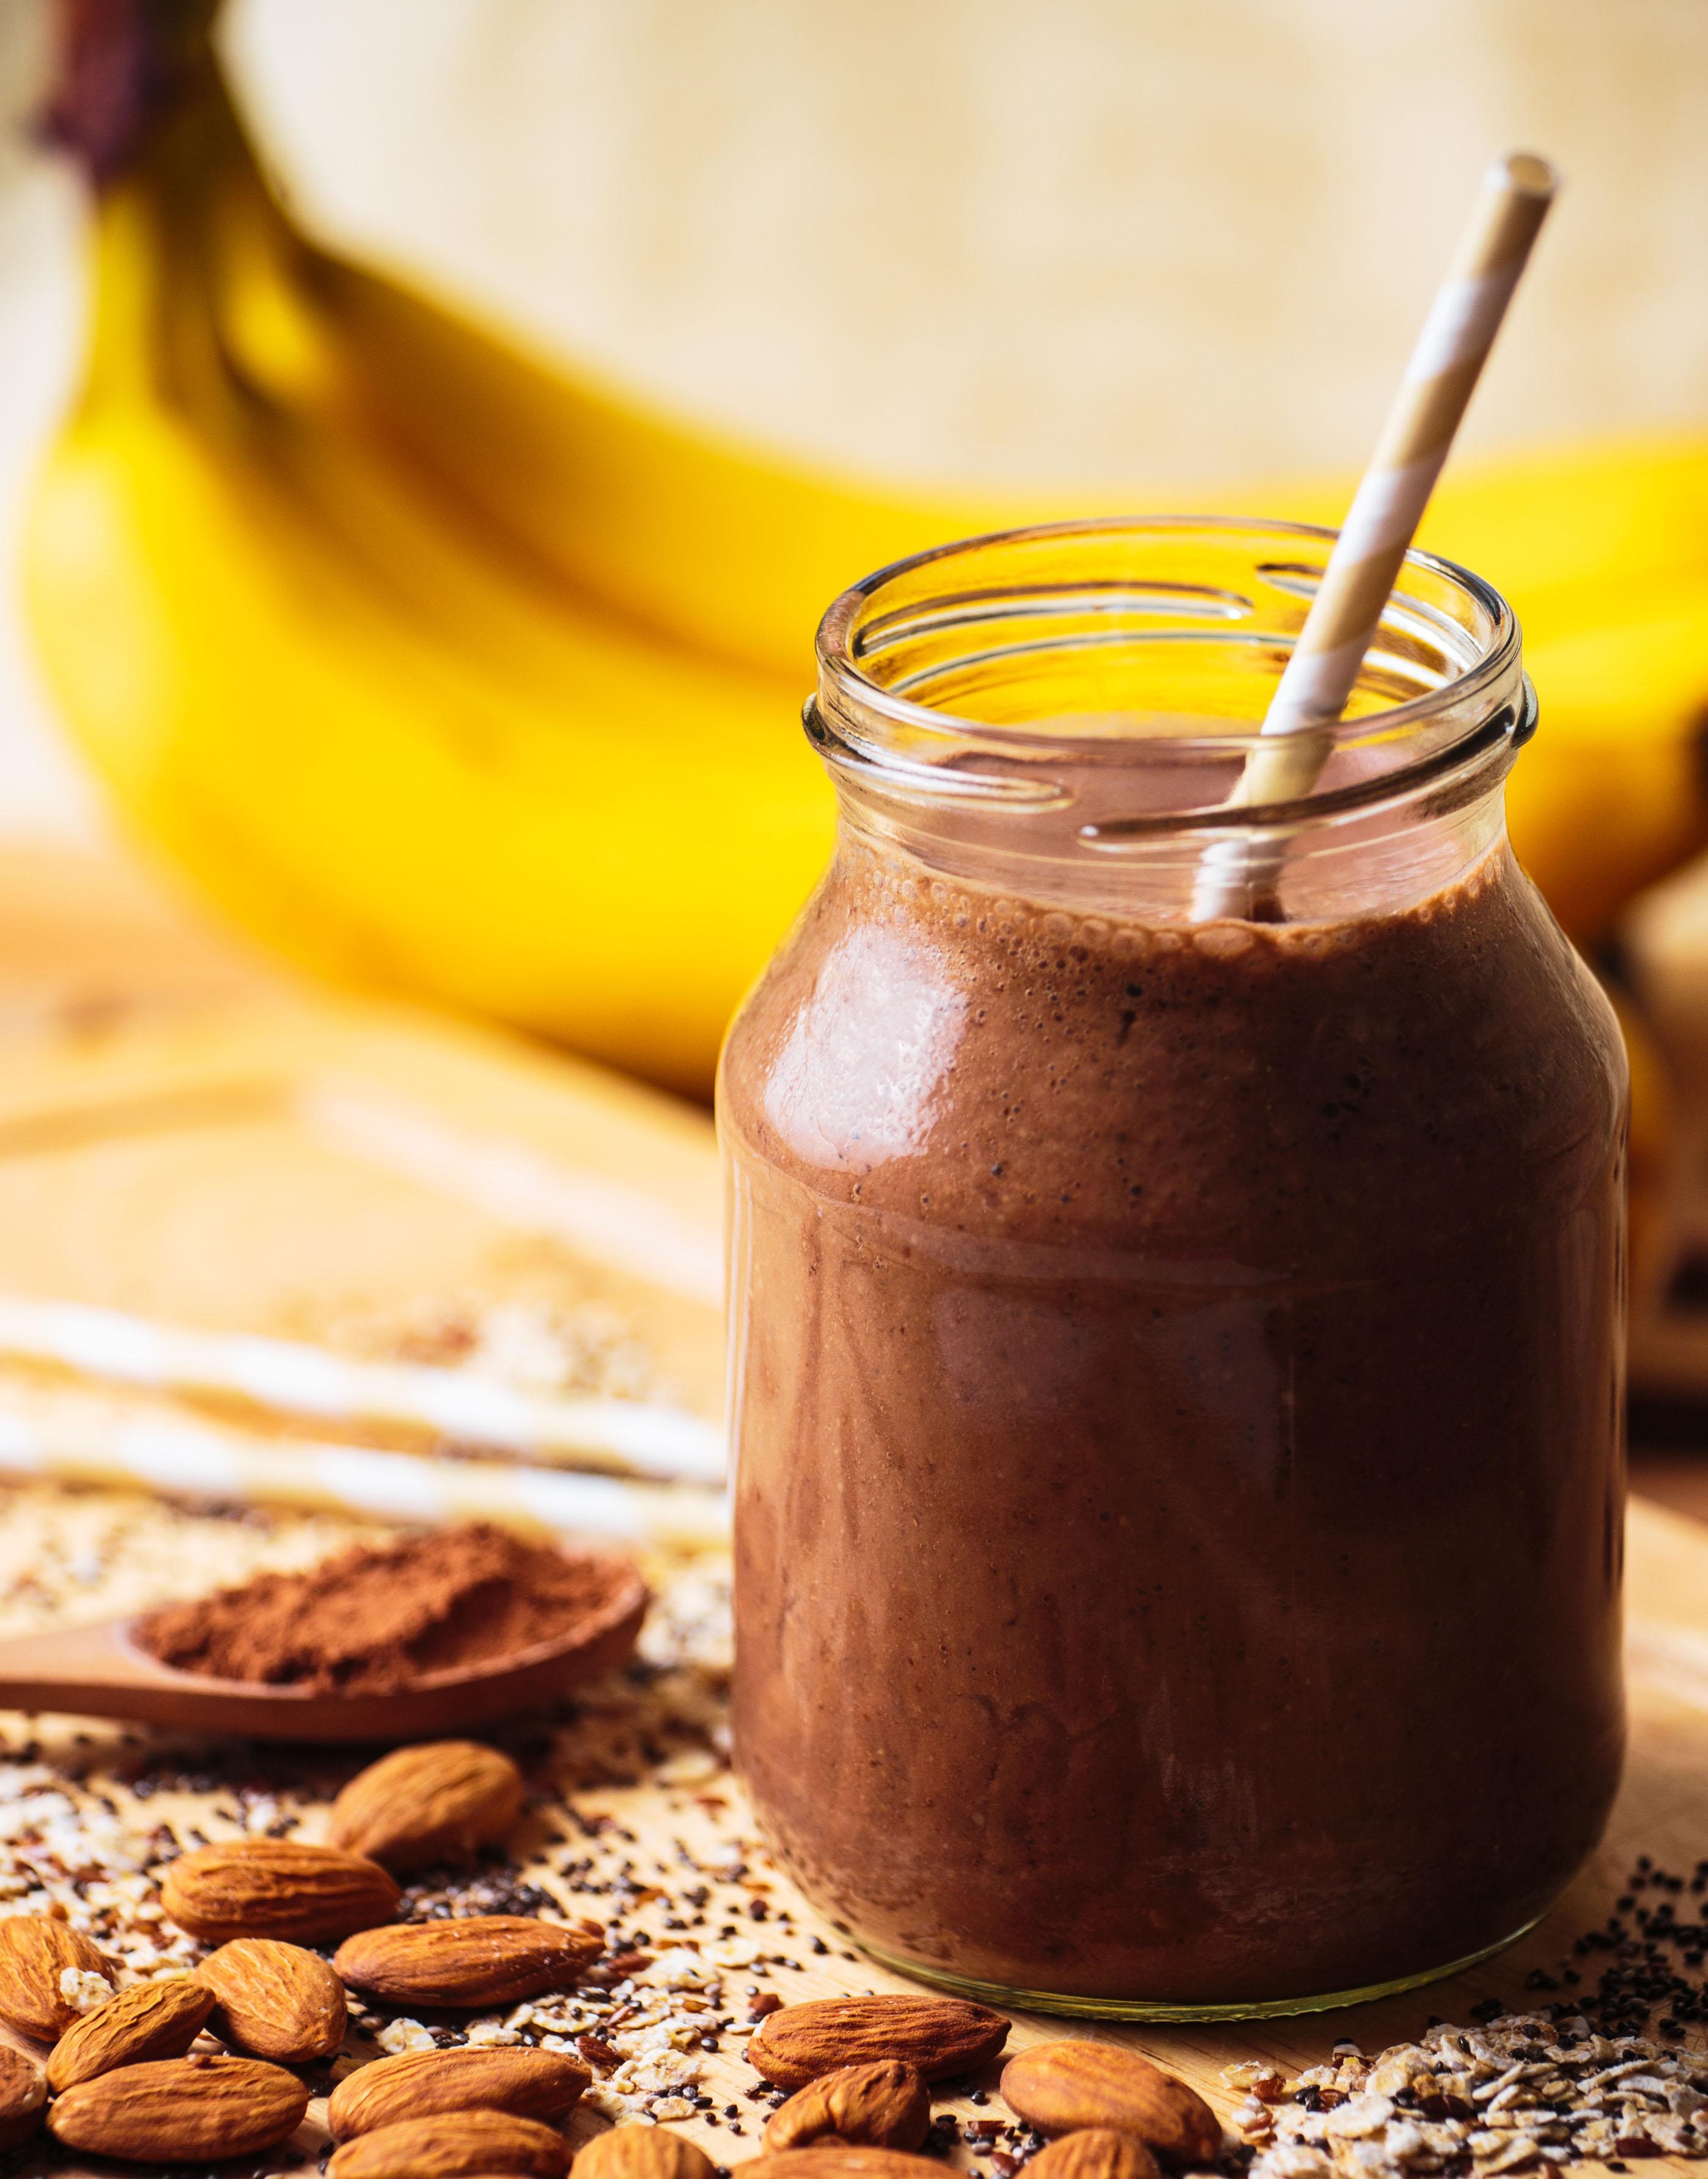 Malteada de plátano con chocolate amargo